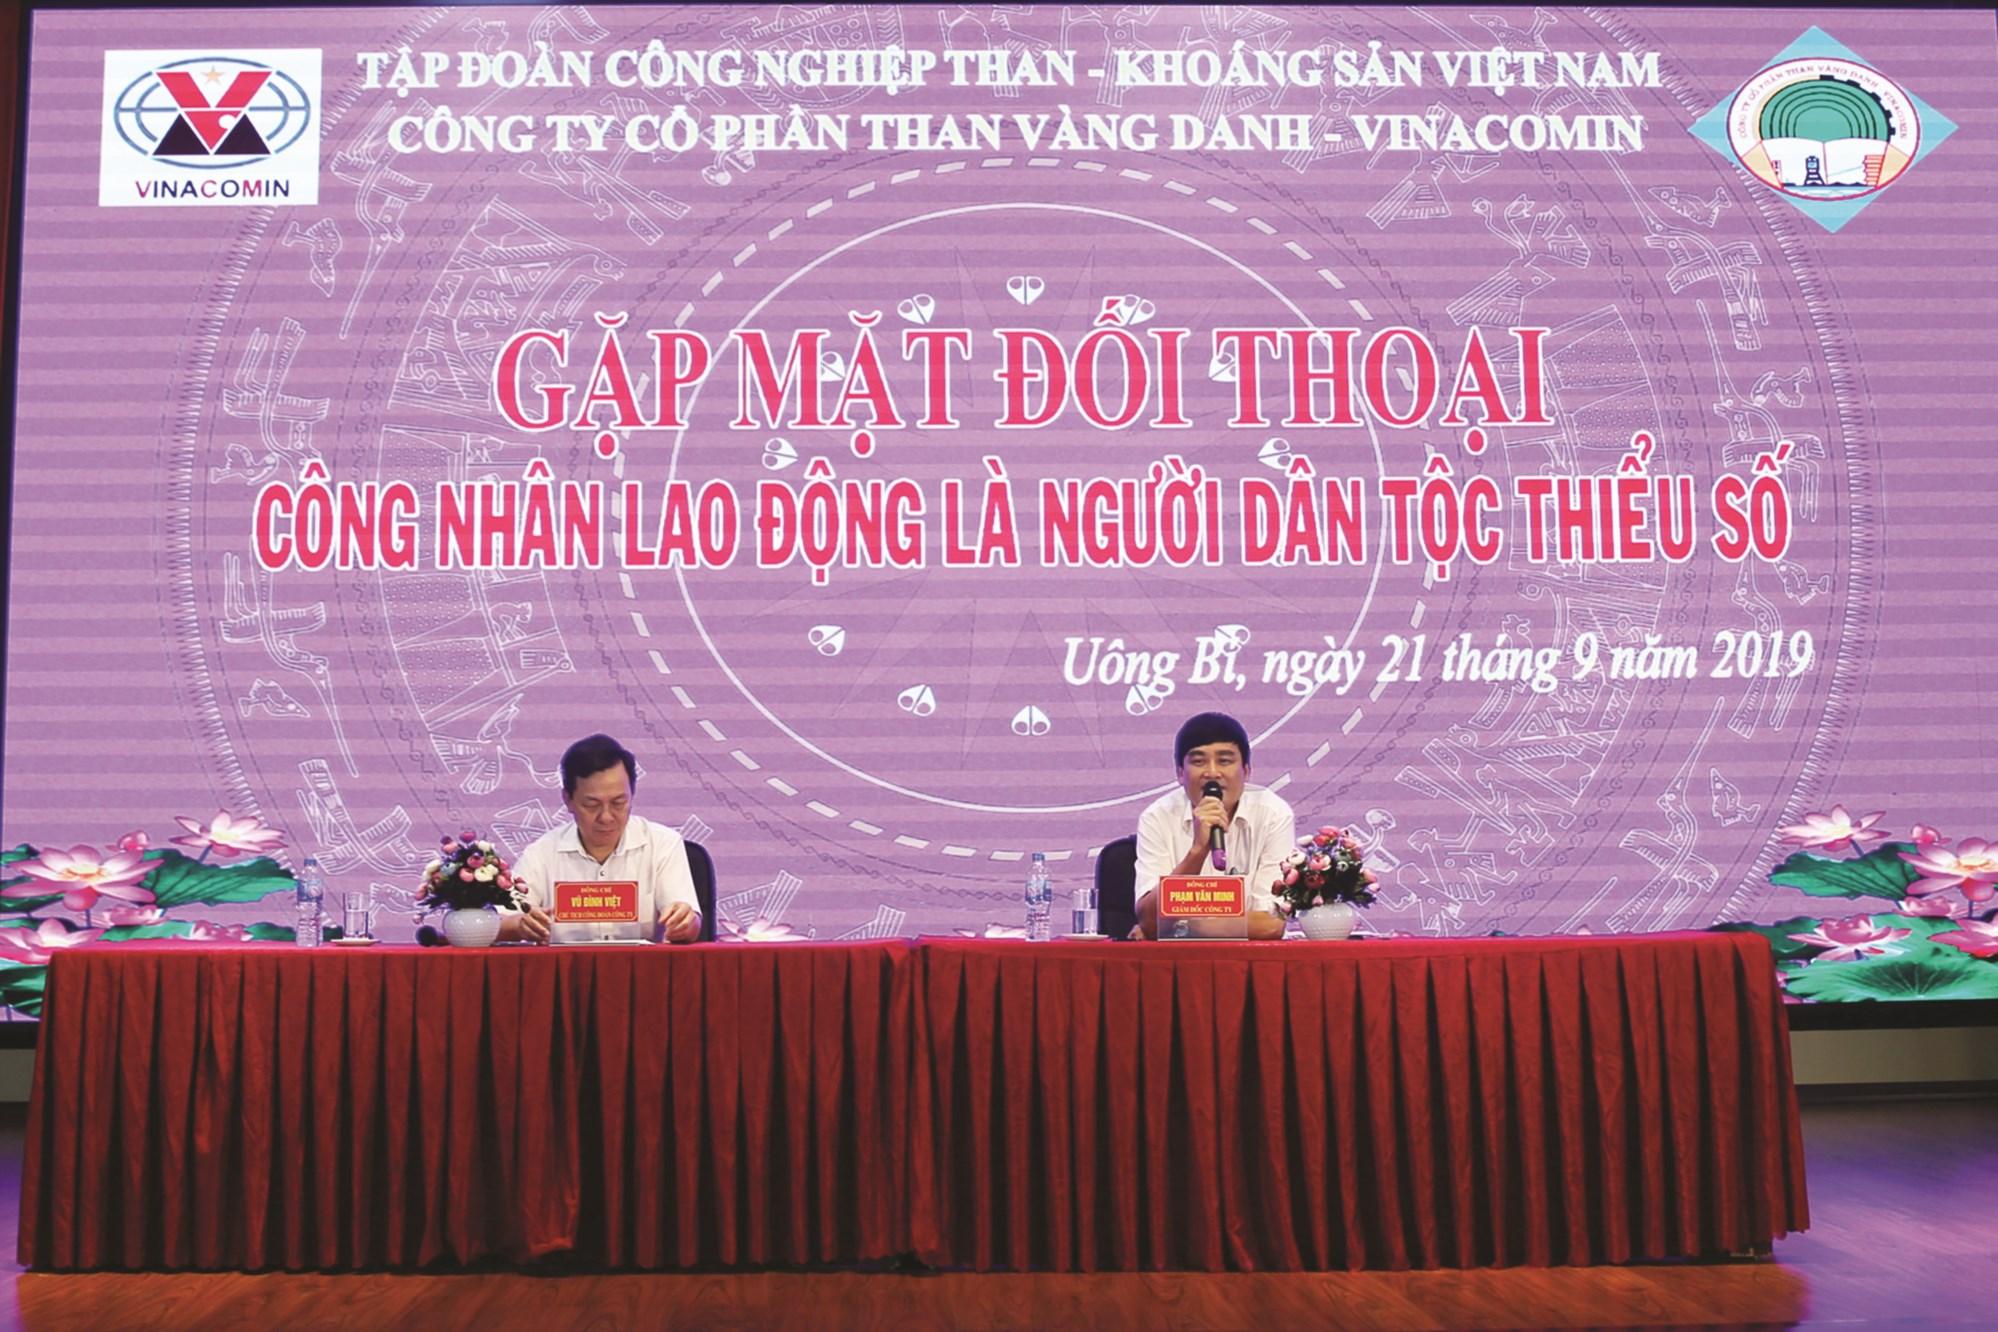 Giám đốc Phạm Văn Minh (bên phải) và Chủ tịch Công đoàn Vũ Đình Việt (bên trái) điều hành cuộc đối thoại.